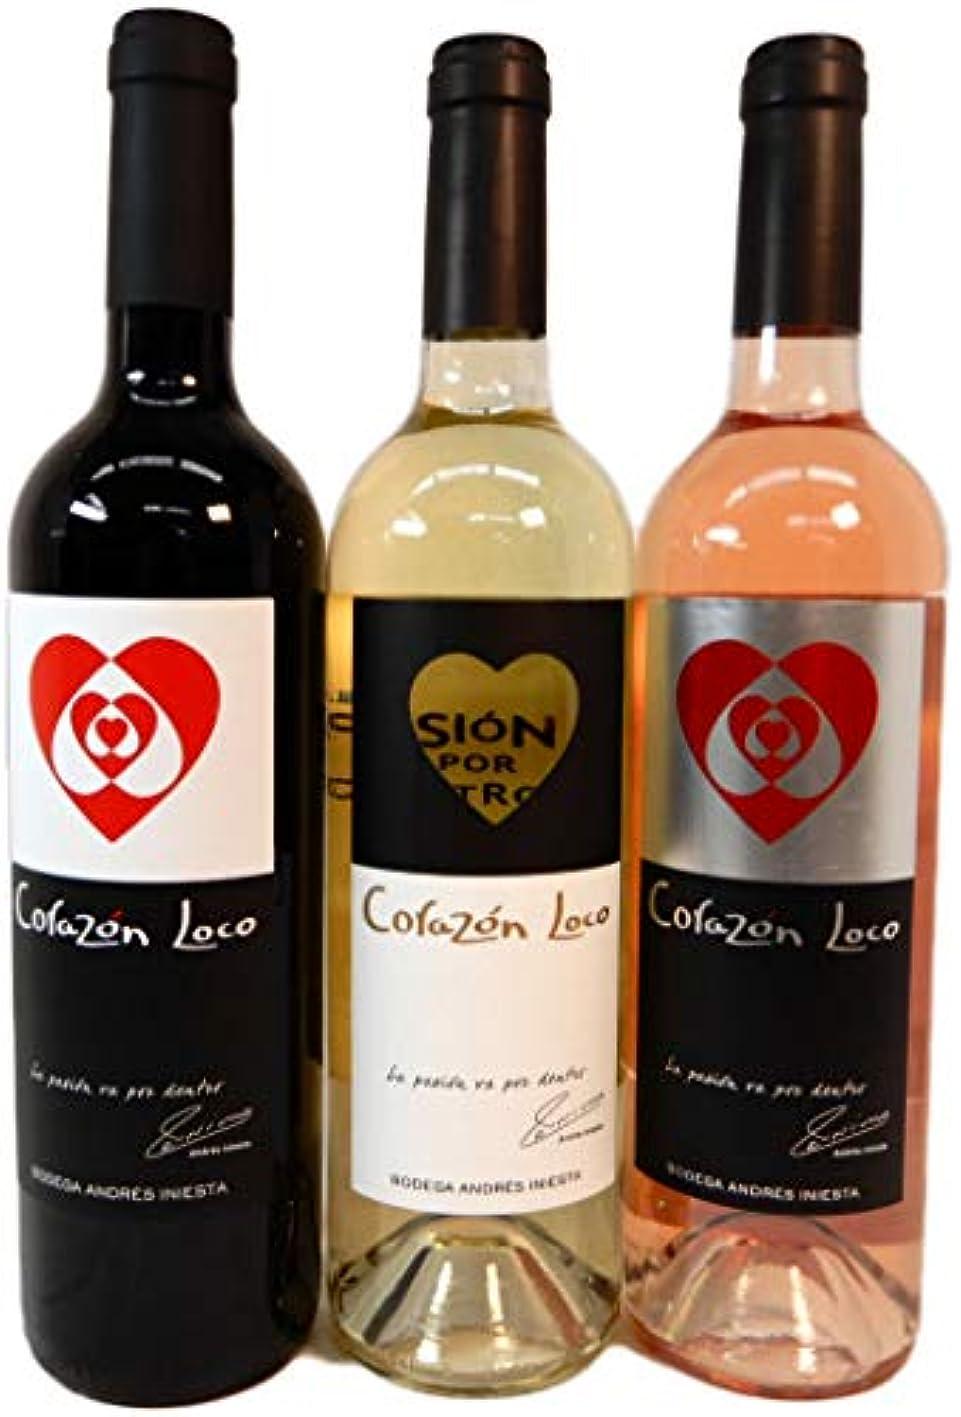 マスク正しいヘビーイニエスタ コラソン ロコ 赤 白 ロゼ 3本 ワイン セット